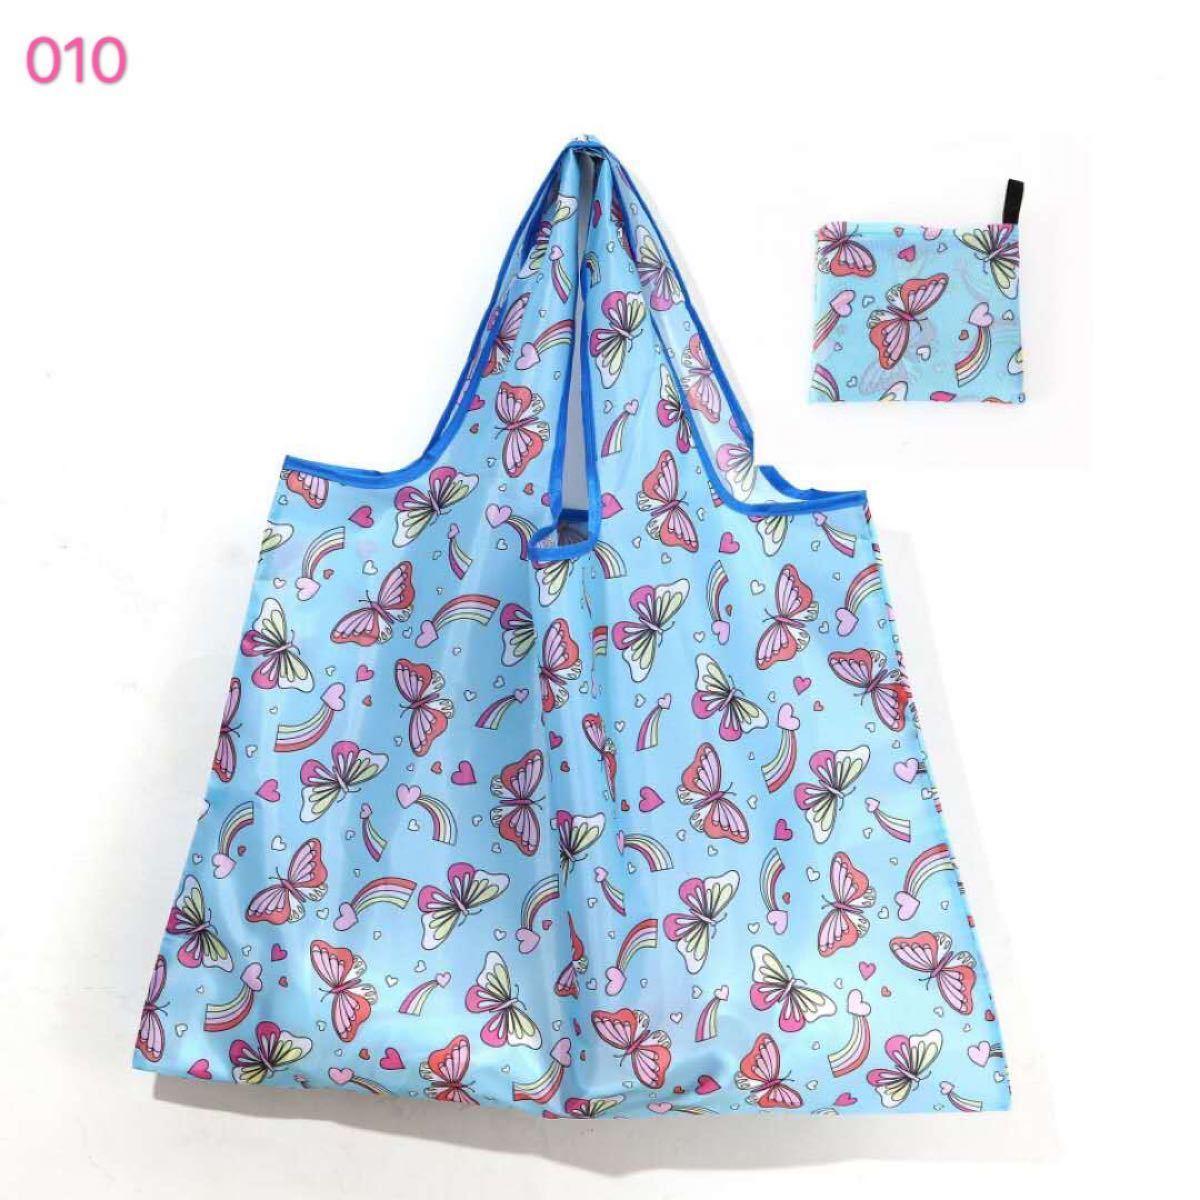 エコバッグ 折りたたみ 買い物袋 買い物バッグ 防水素材 大容量  010